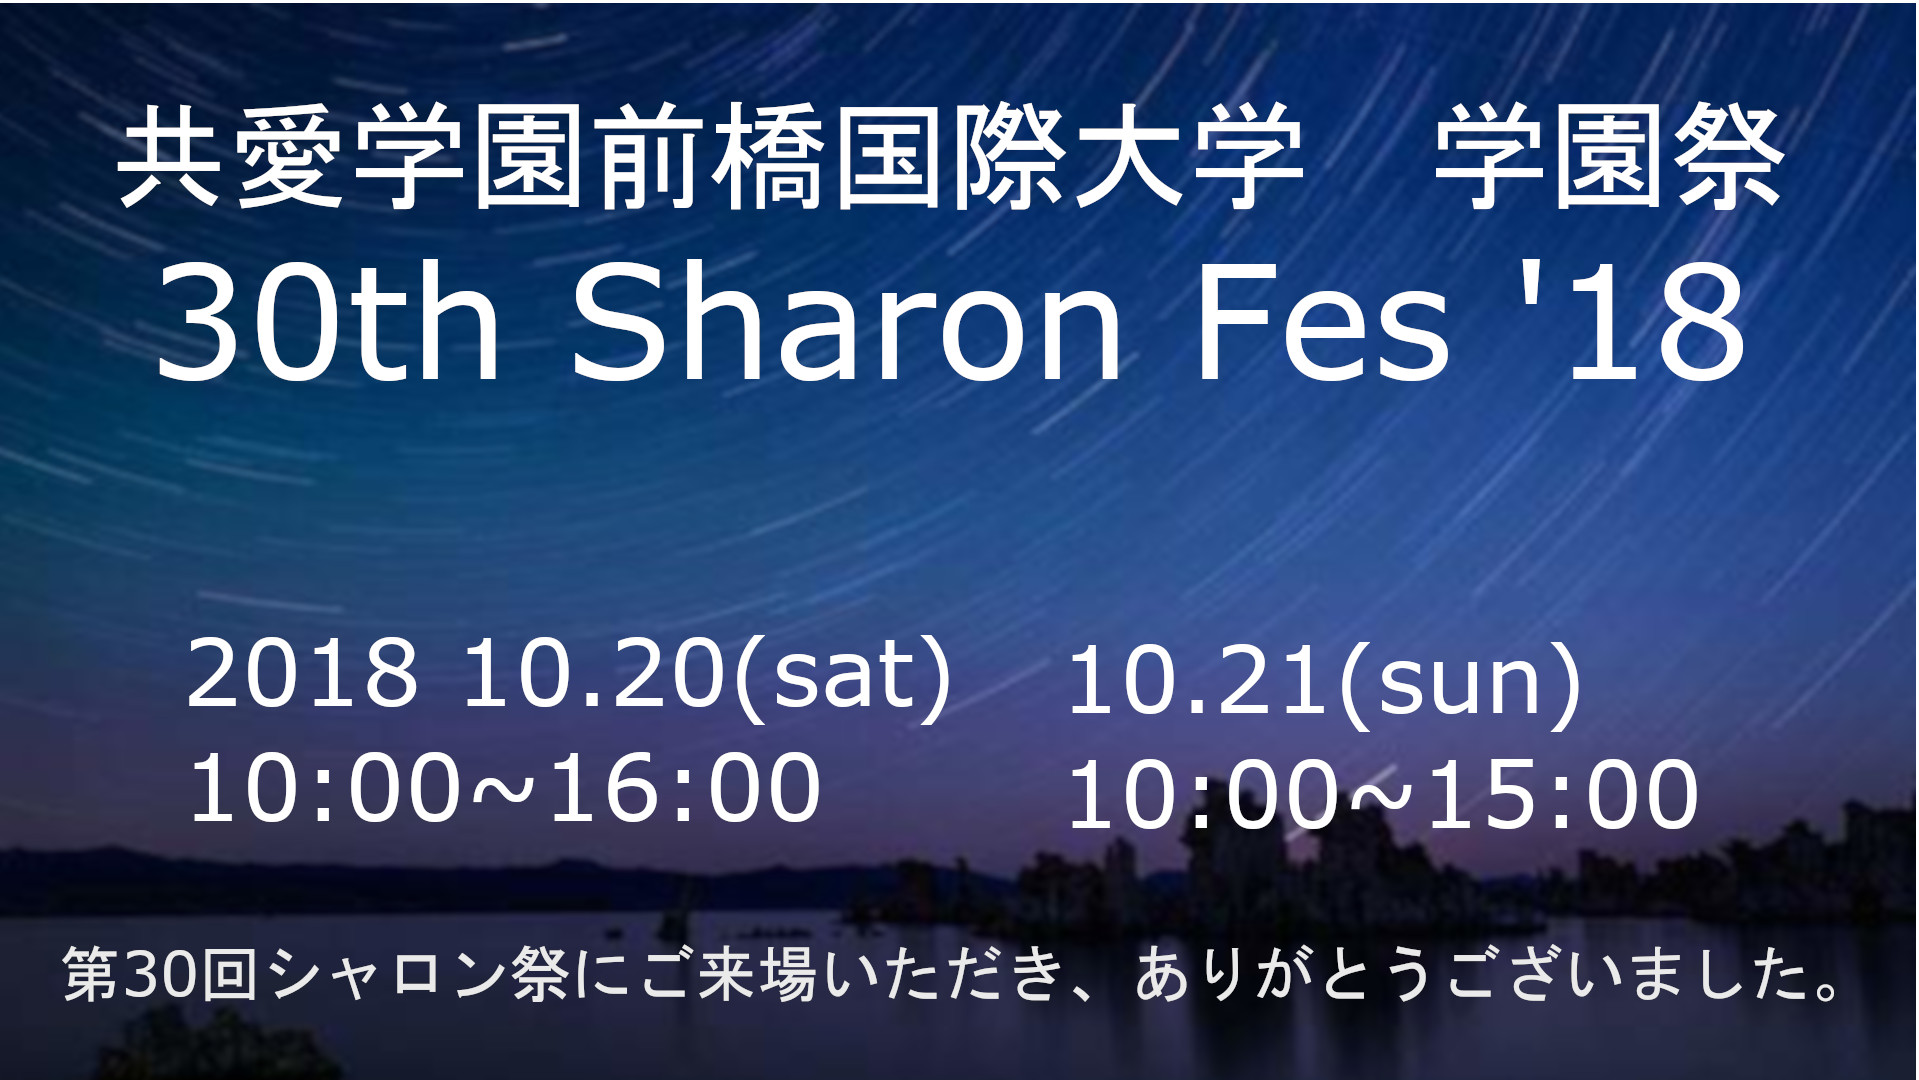 第30回 シャロン祭